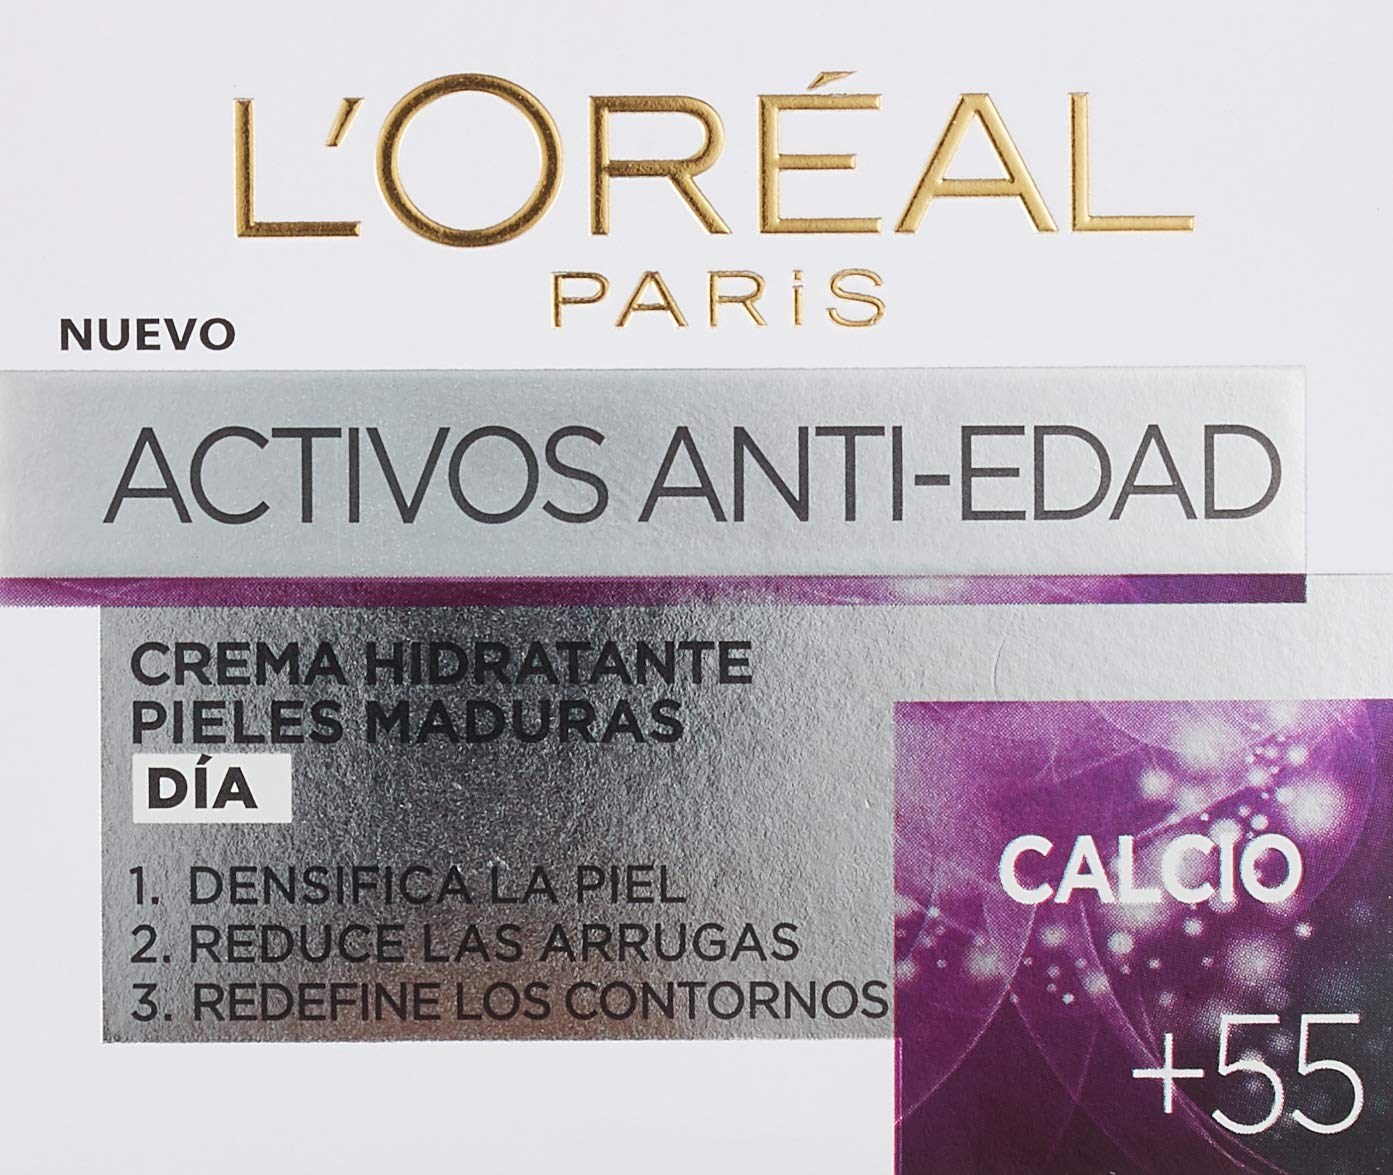 L'Oreal Paris Skin Expert – Crema de Día Nutritiva Anti-Arrugas, Tratamiento con Calcio para Pieles de +55 – 50 ml